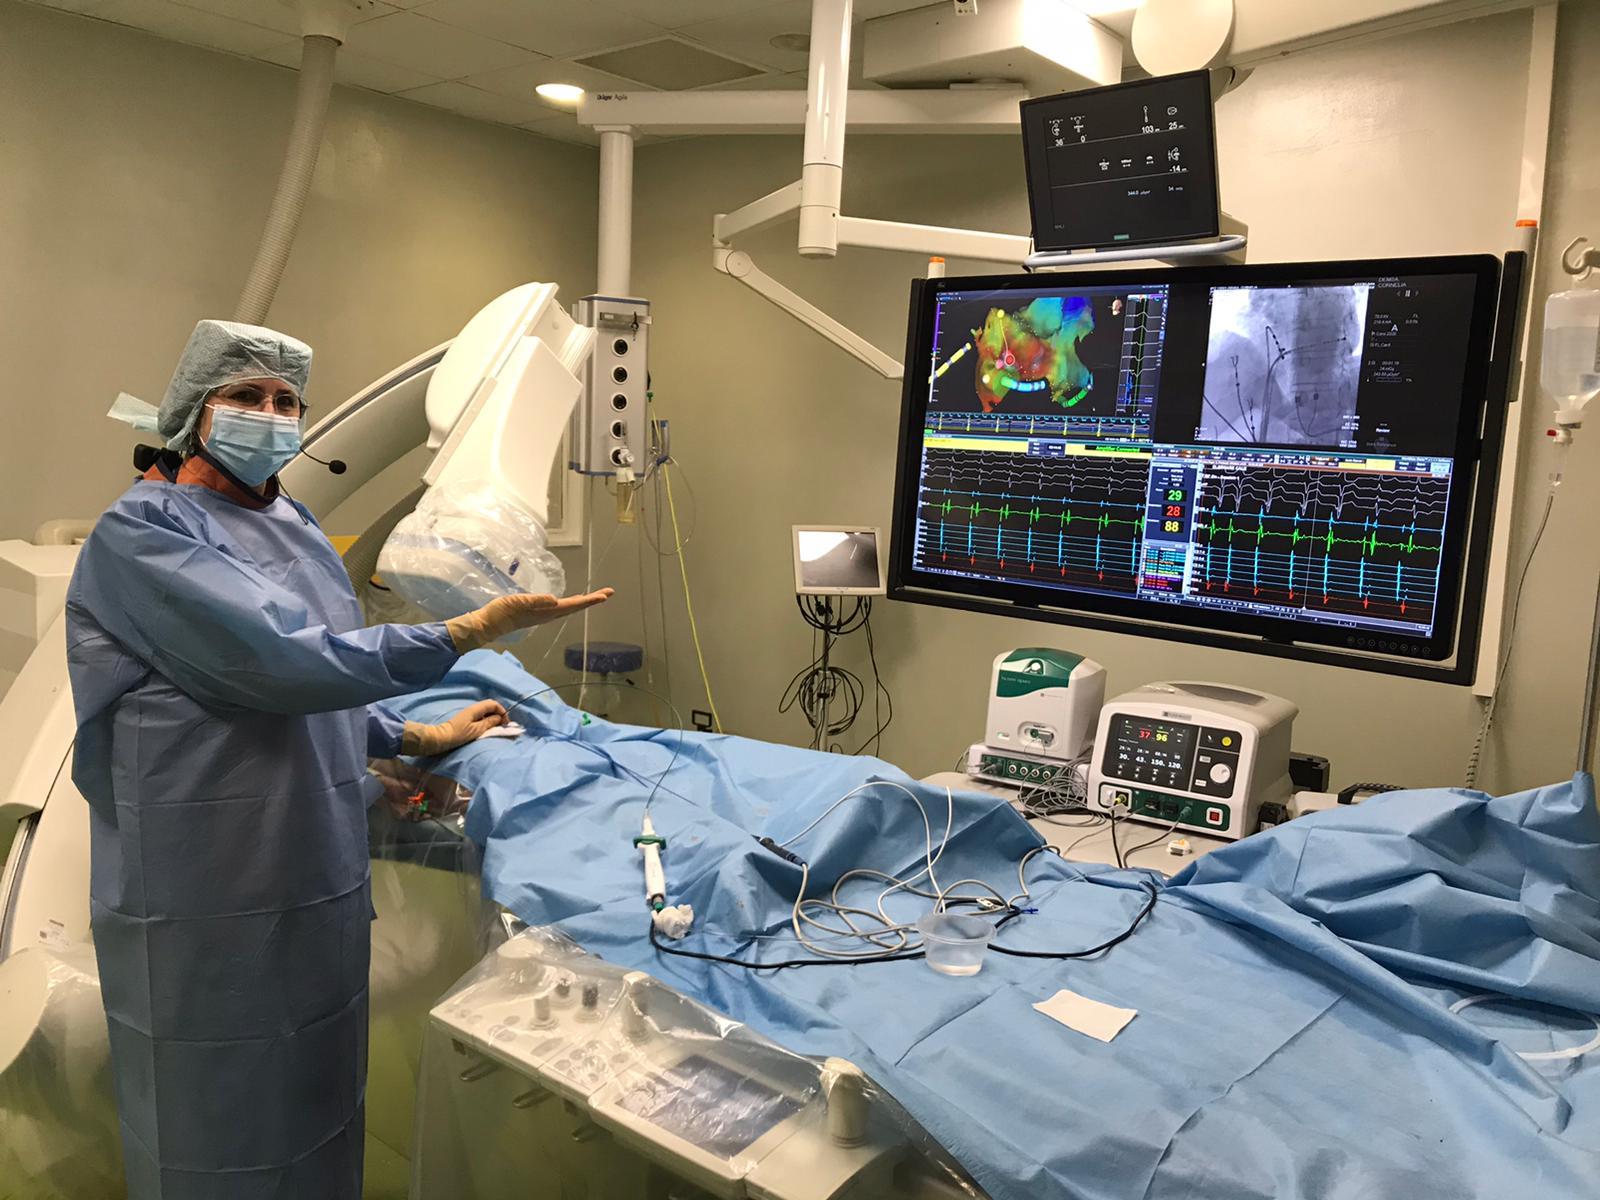 chirurgie suplimentară cel mai bun unguent din vena varicoză